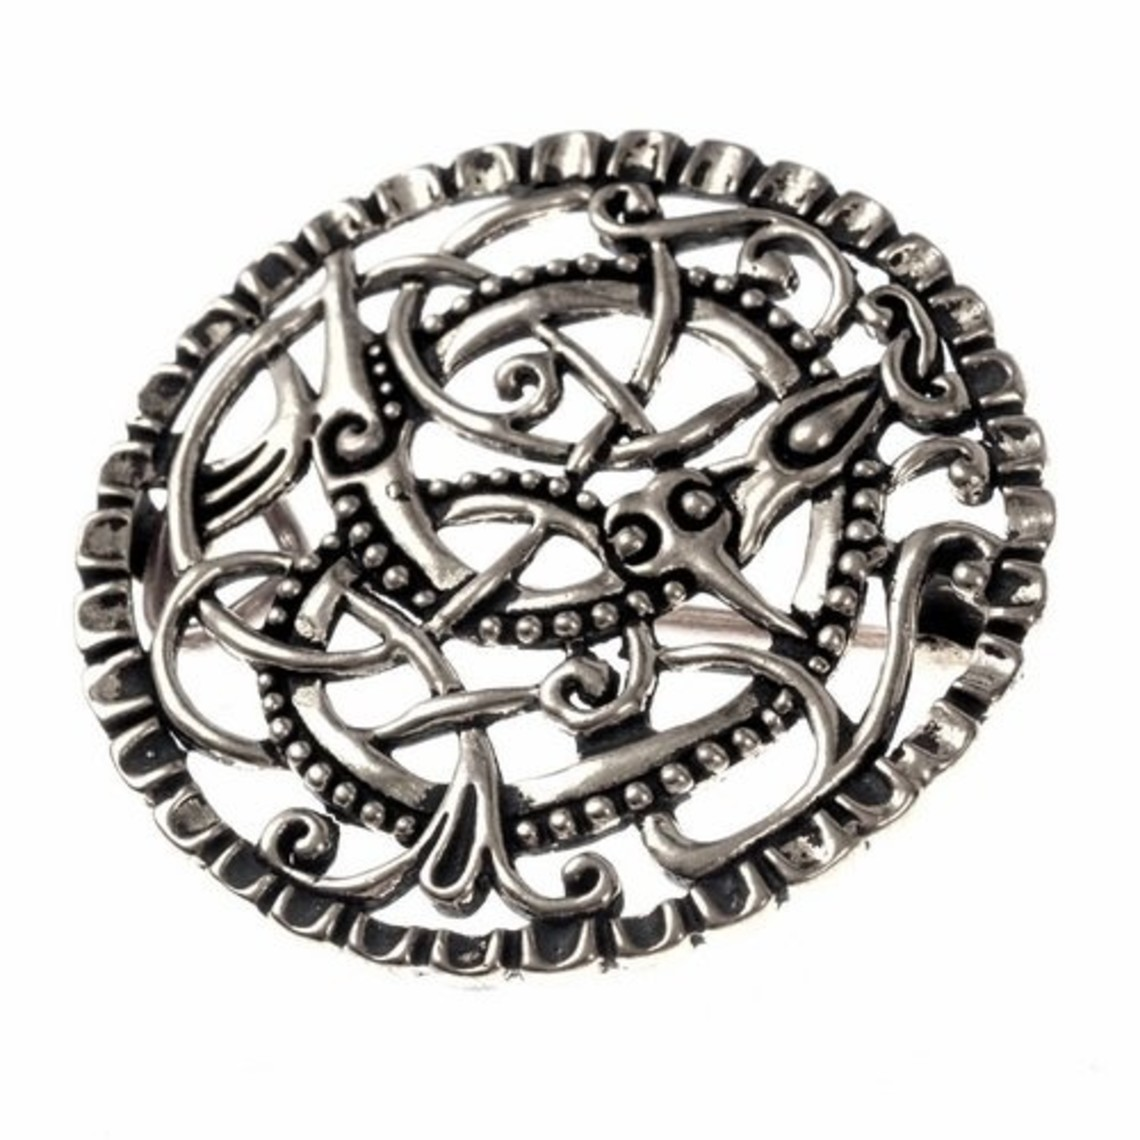 Pitney broche, forsølvet bronze